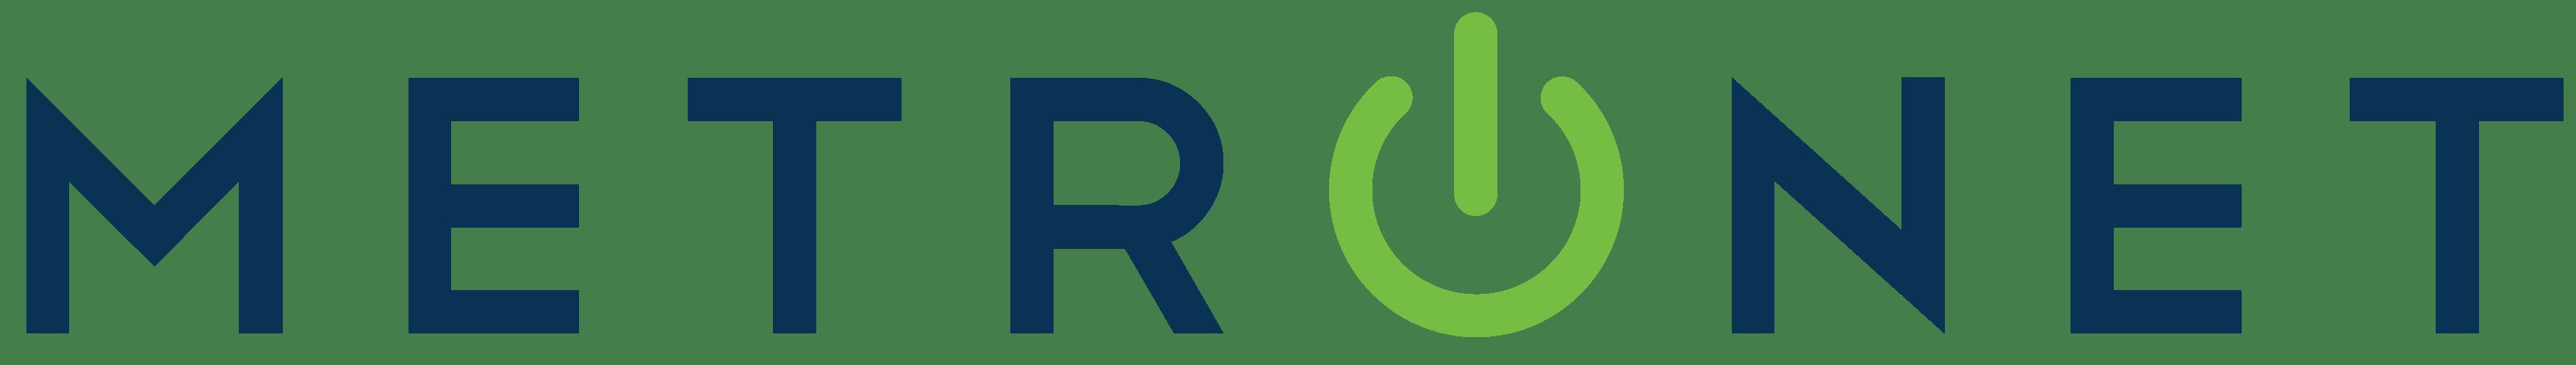 Metronet-Logo_